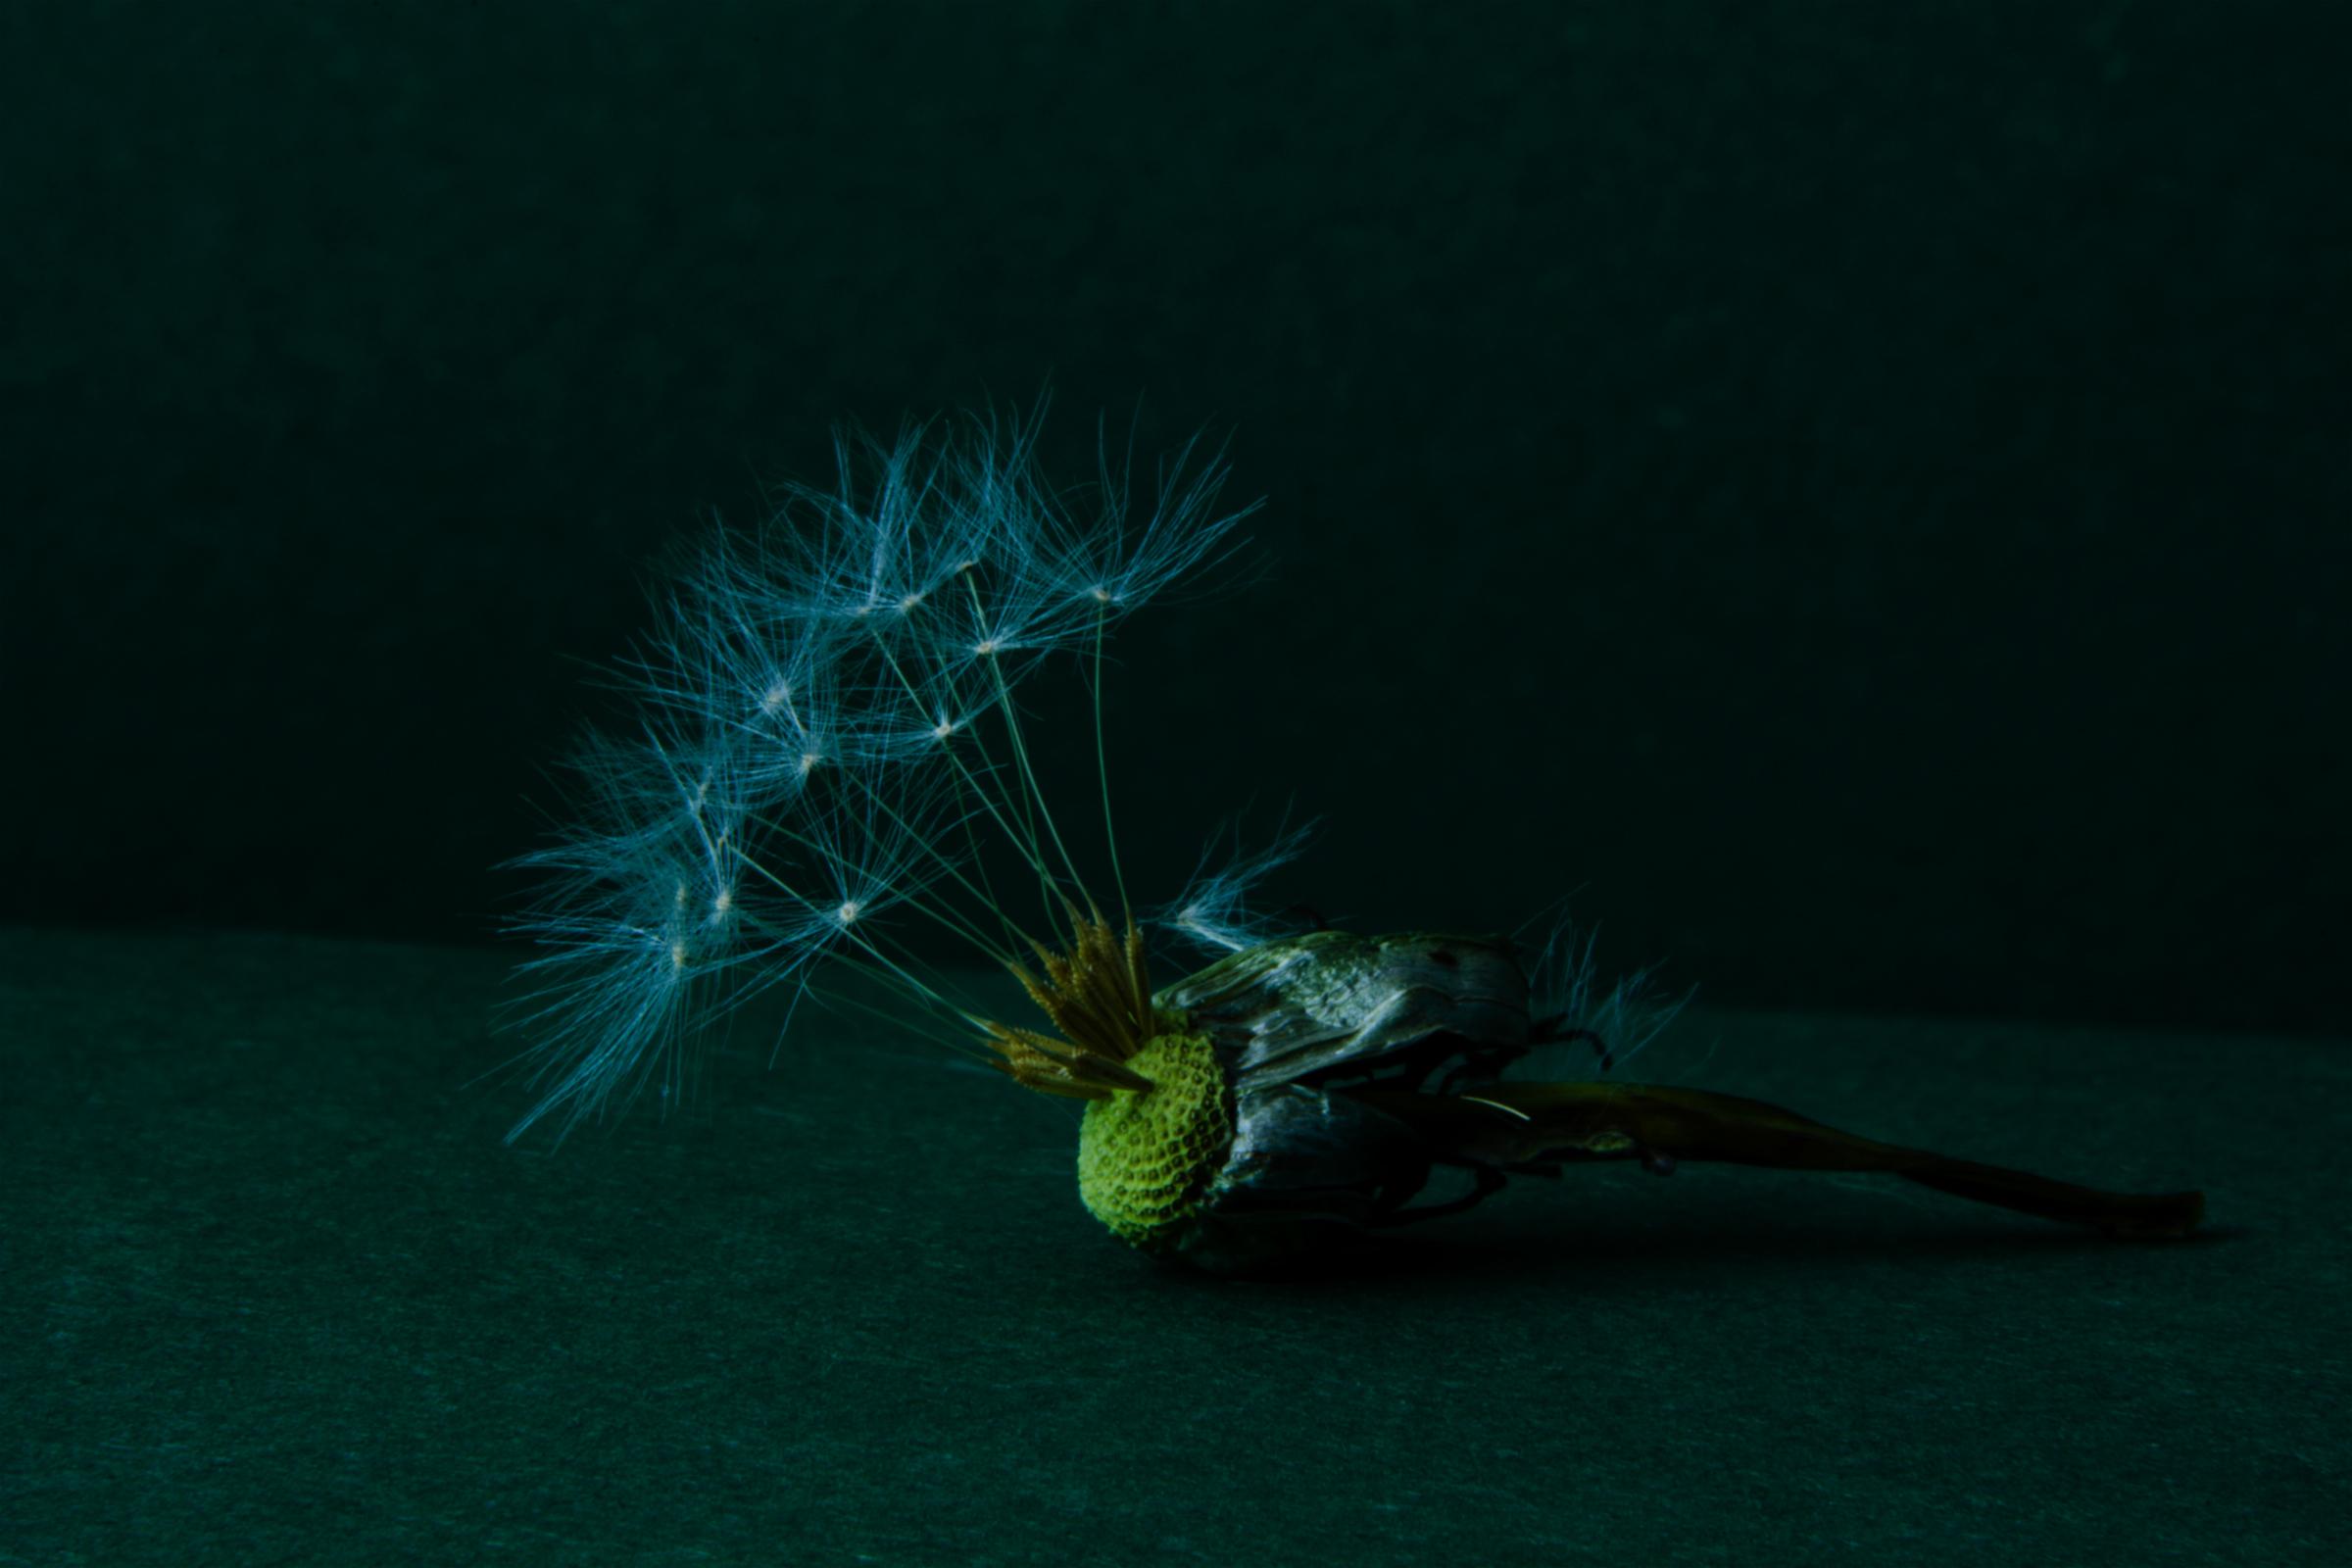 Wallpaper Jopperbok Dandelion Paardenbloem Flower